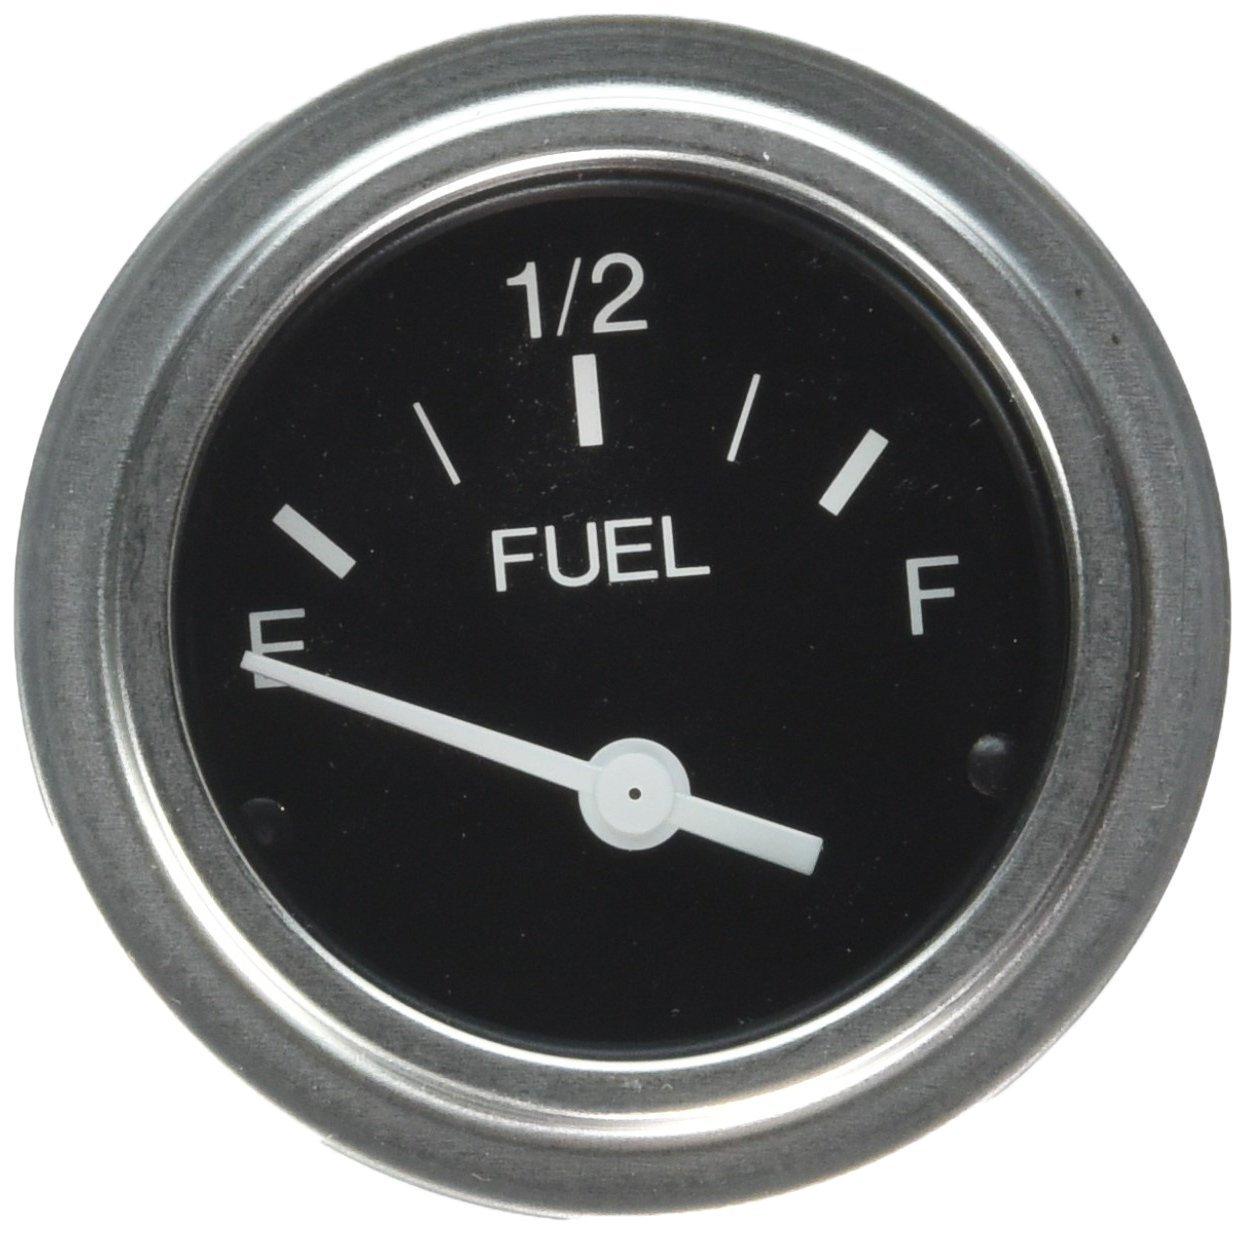 2 Sierra International 80181P Heavy Duty Electric 100 PSI Oil Pressure Gauge for Inboard /& Diesel Engines